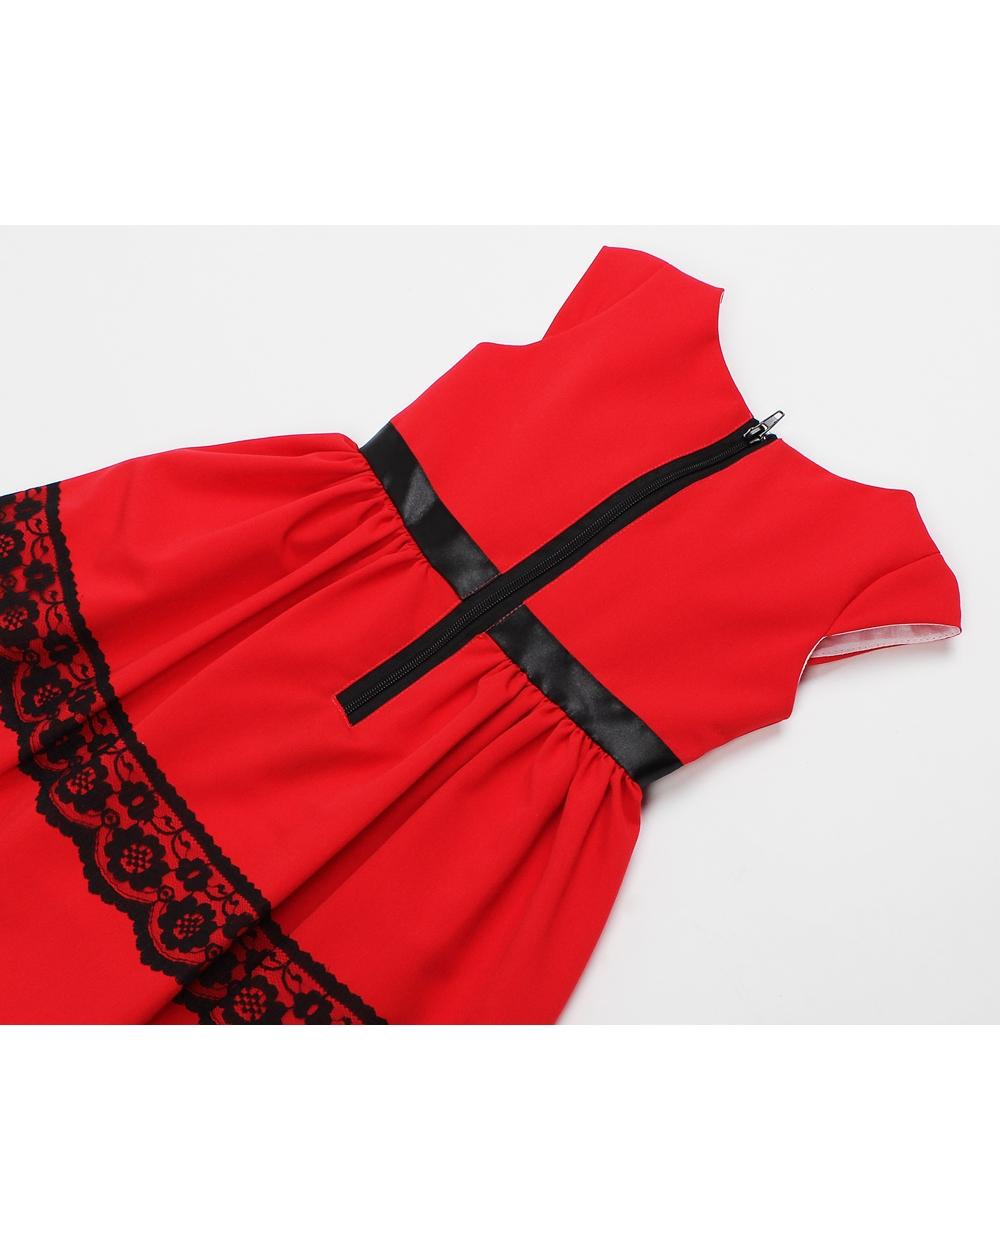 09fefbe4 Sukienka na święta dla dziewczynki, Christmas dress for a girl, sklep